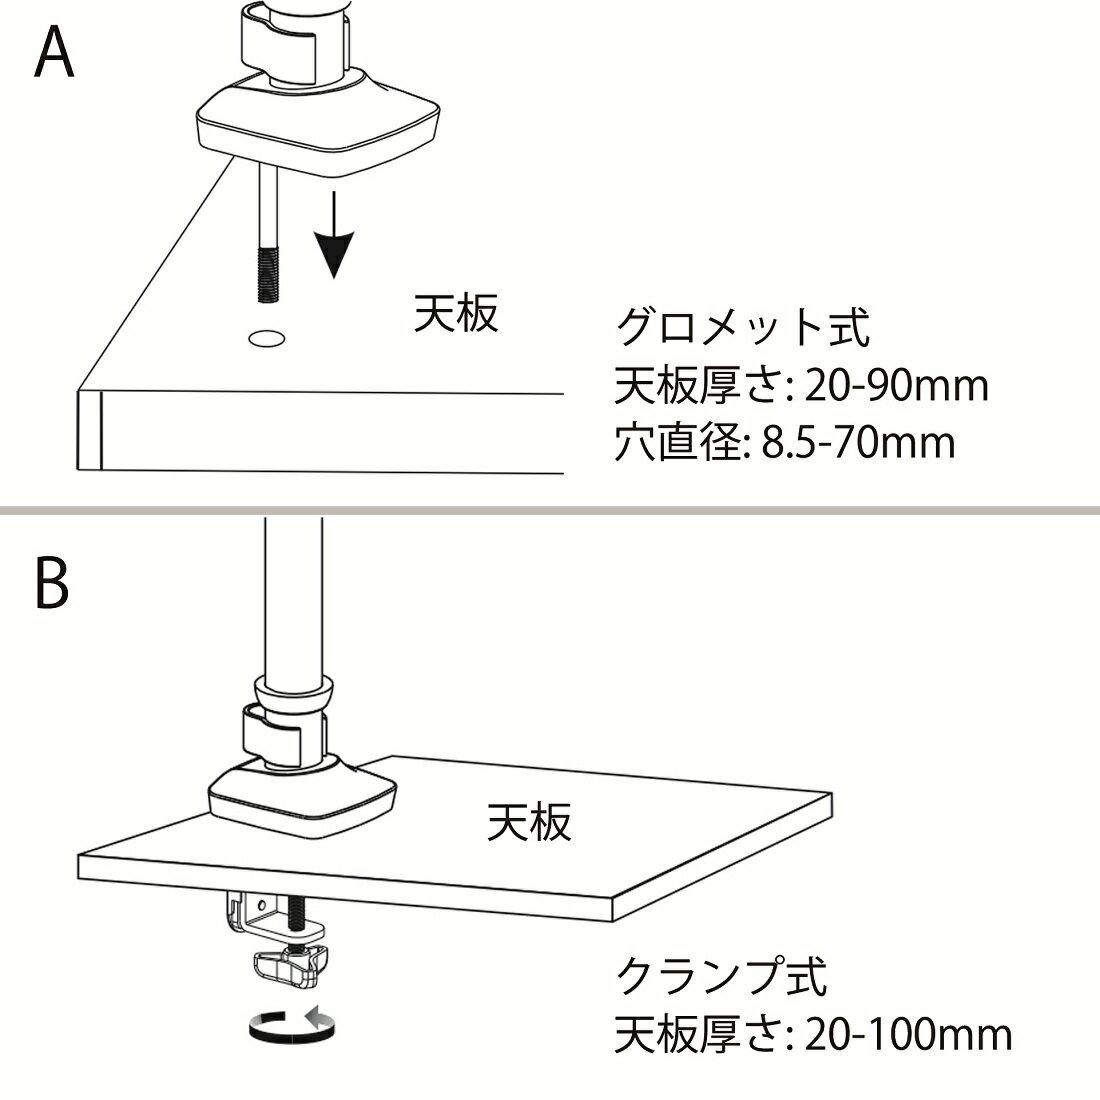 []モニターアーム ノートパソコンスタンド ガス圧式 横/縦型2台設置可能 ガス圧式 モニターアーム D5DL